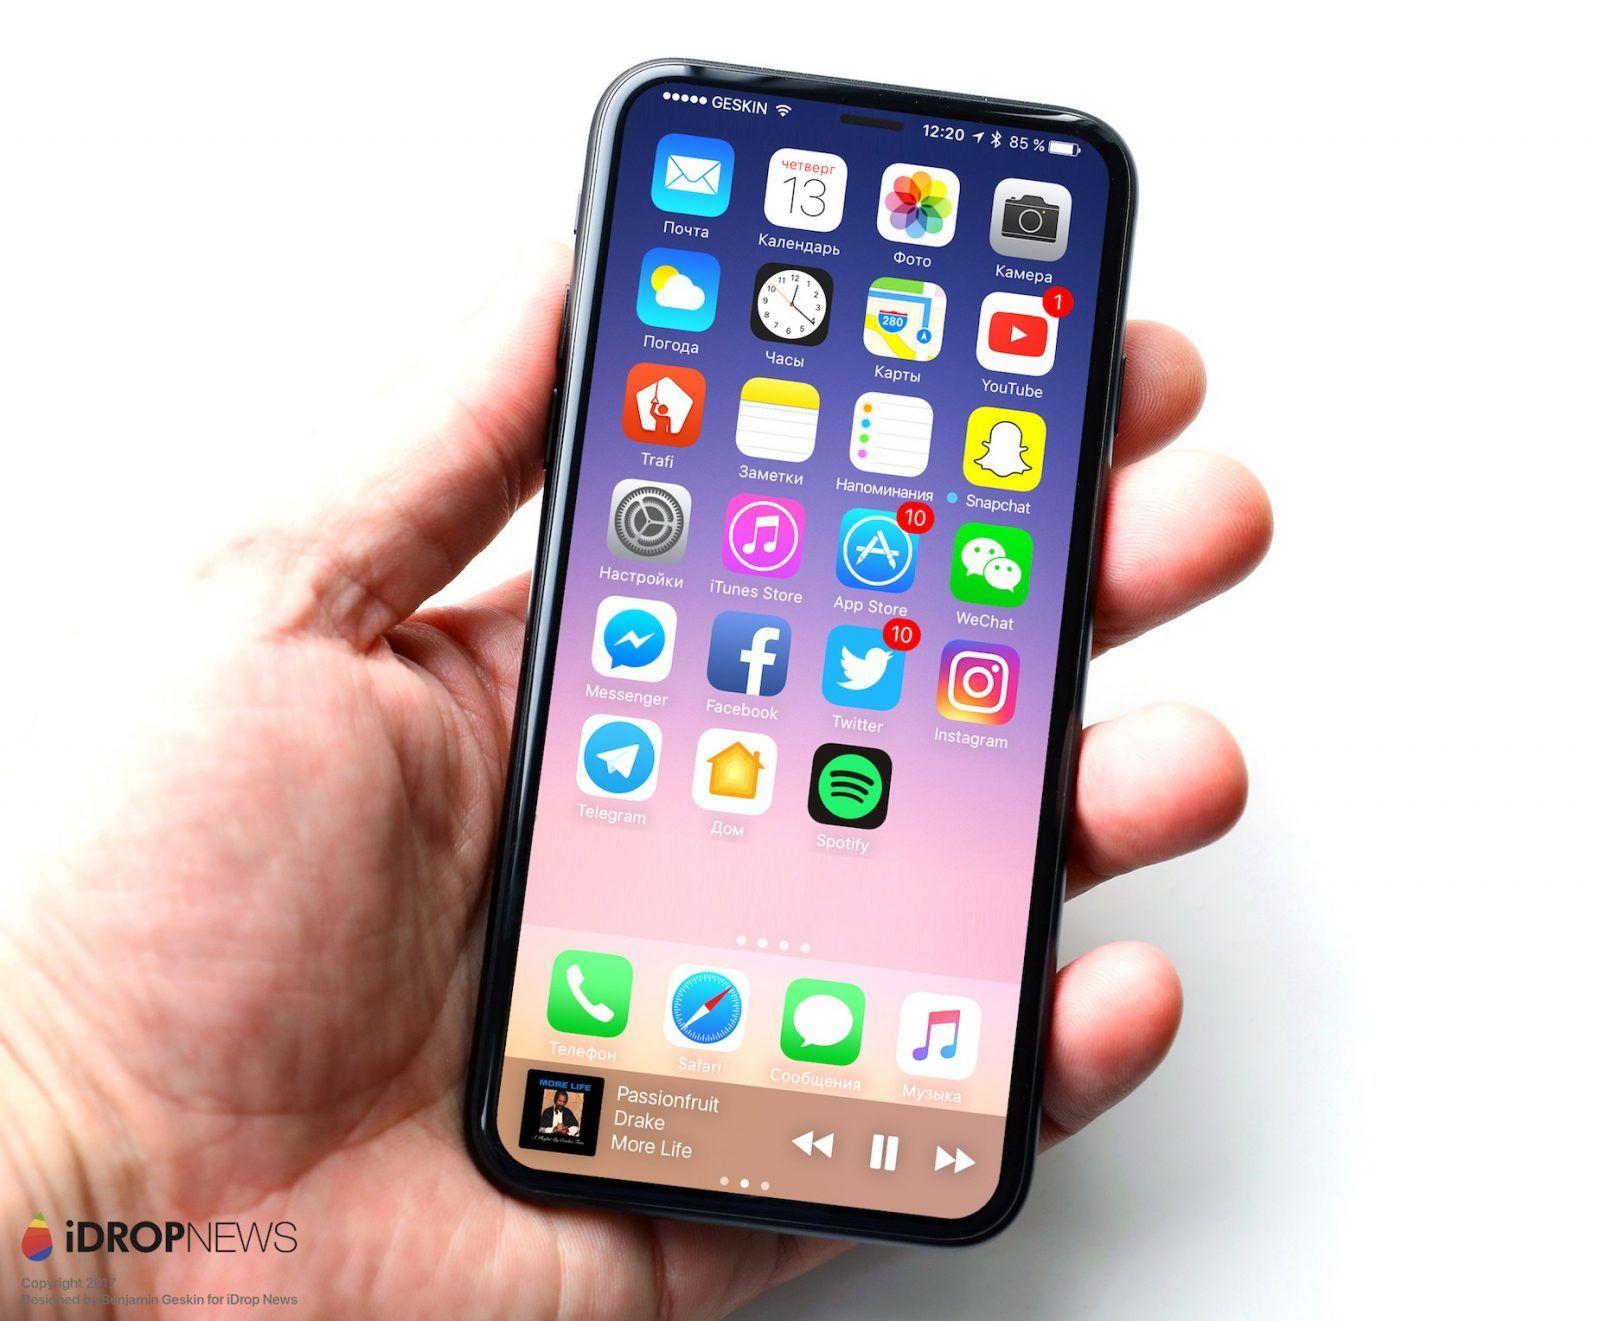 Wiemy już chyba wszystko. iPhone 8 bez tajemnic